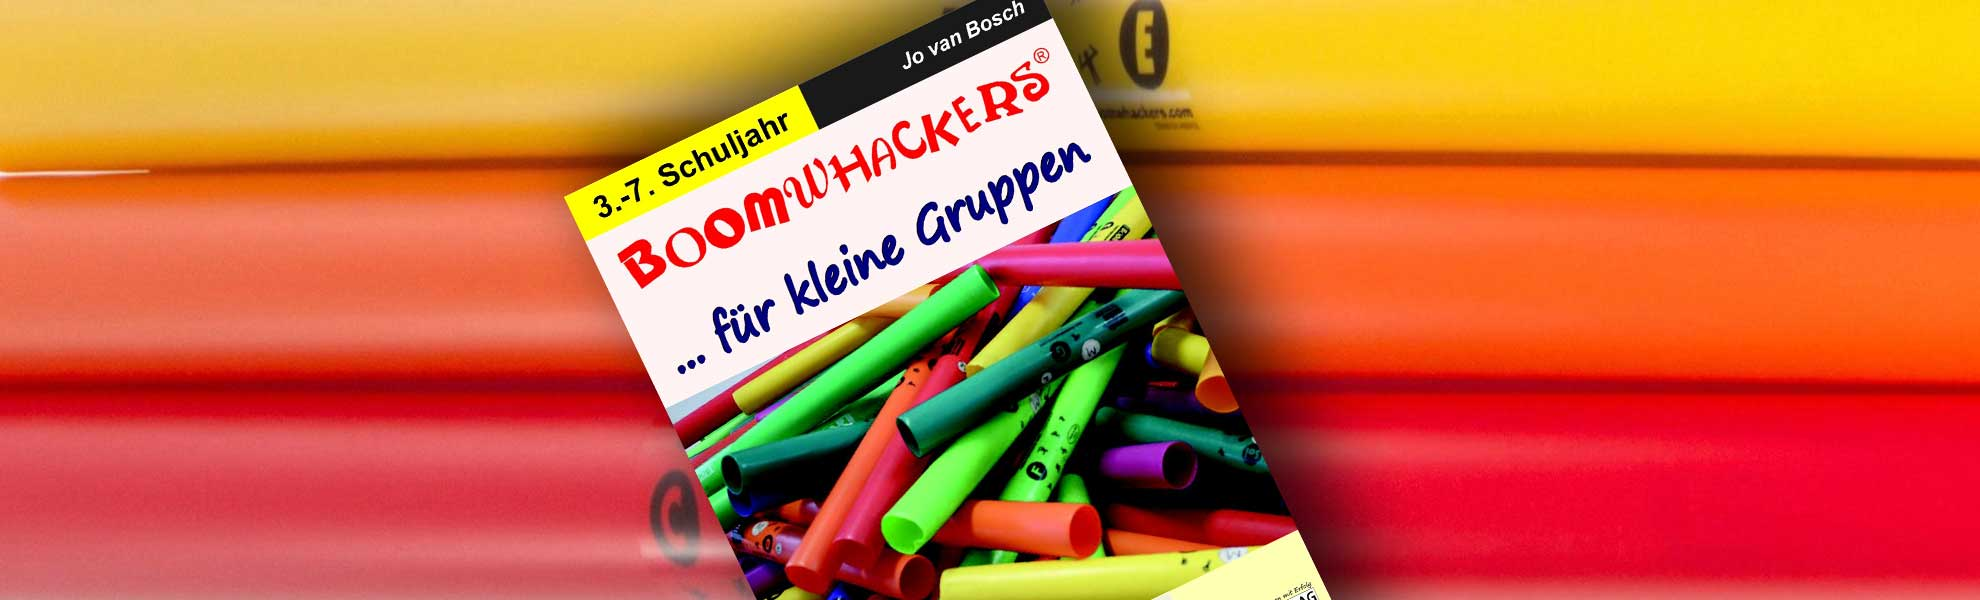 Boomwhackers für kleine Gruppen - Arbeitsbuch für die 3. - 7. Klasse 1